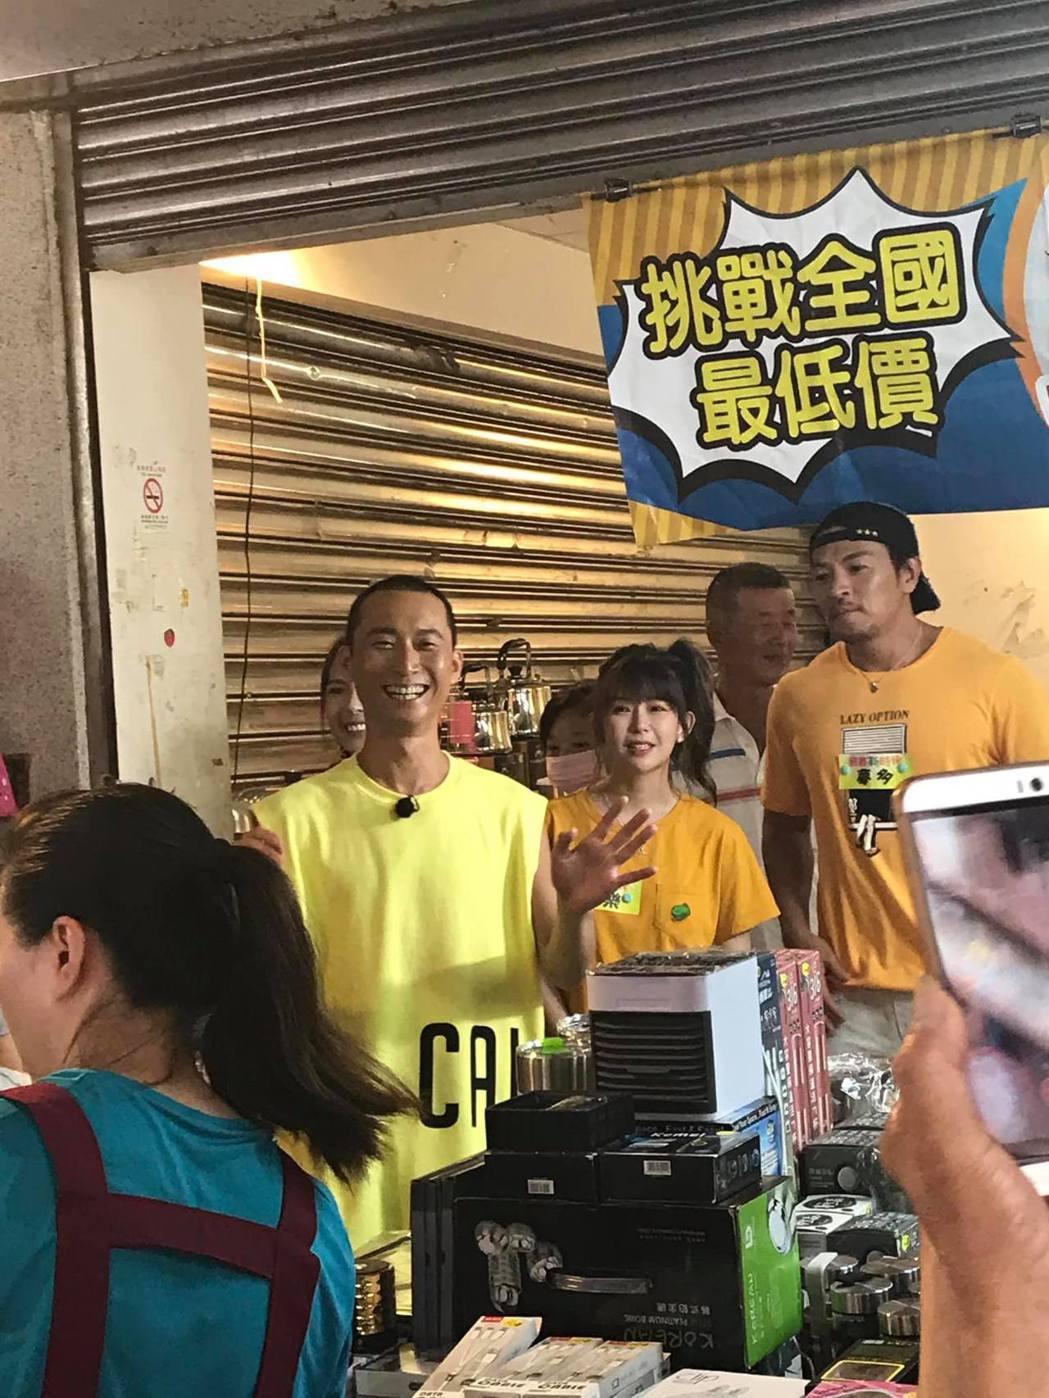 藝人阿翔和浩子在台中市清水錄影,民眾看到很驚喜。圖/取自臉書清水小鎮